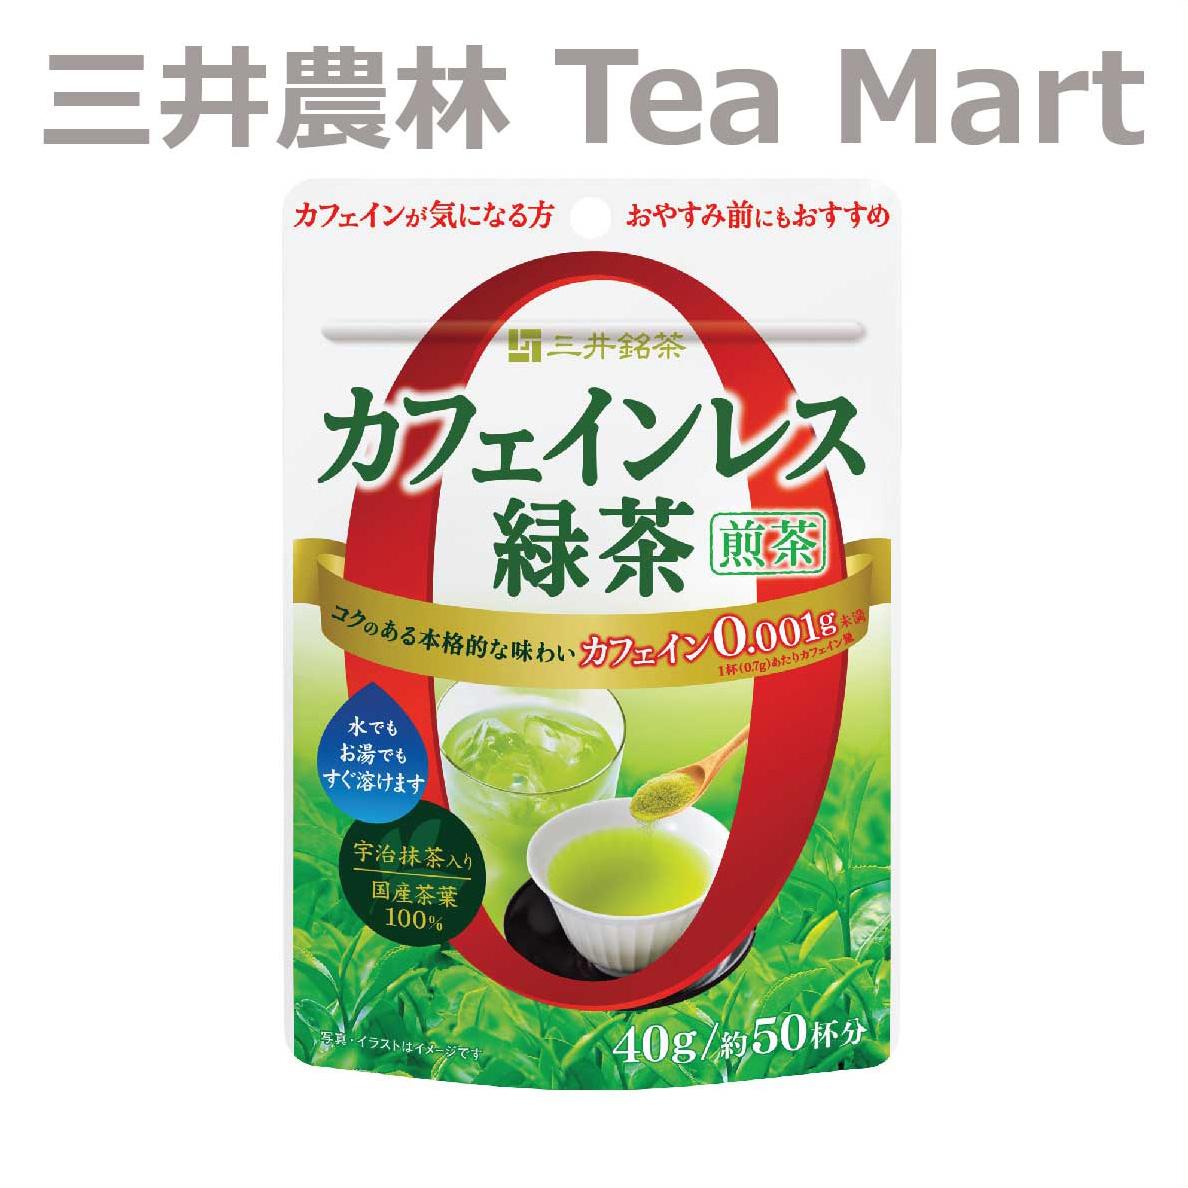 宇治抹茶入り 国産茶葉100% 本格的なカフェインレスの緑茶 捧呈 約50杯分 三井銘茶 海外並行輸入正規品 パウダー インスタント 煎茶 40g カフェインレス緑茶